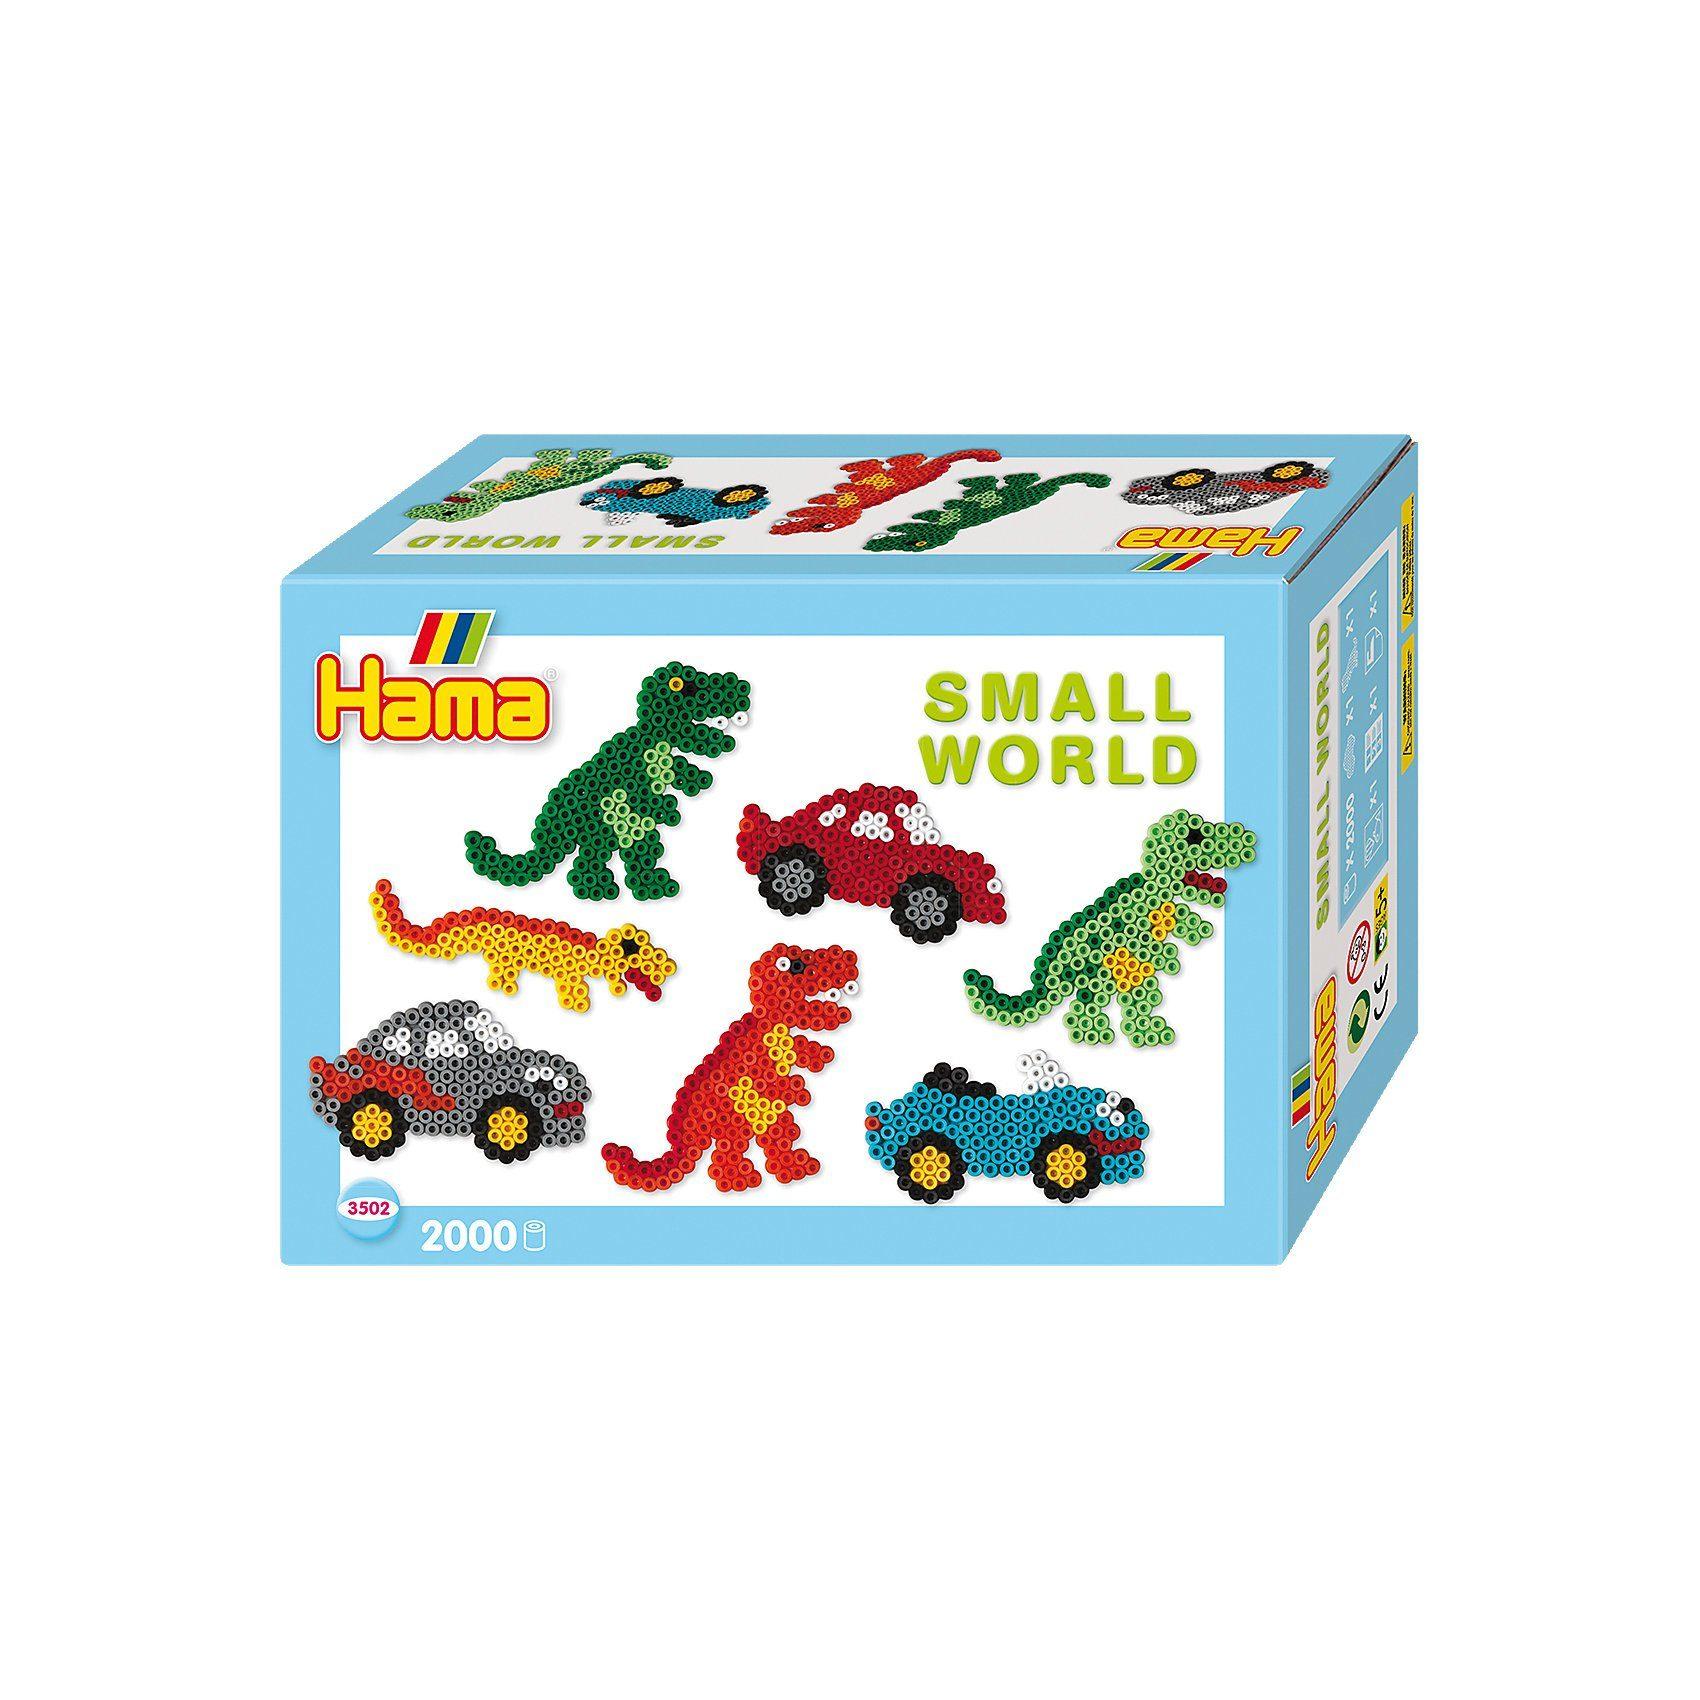 Hama Perlen HAMA 3502 Kleine Welt Auto & Dino, 2.000 midi-Perlen & Zubeh